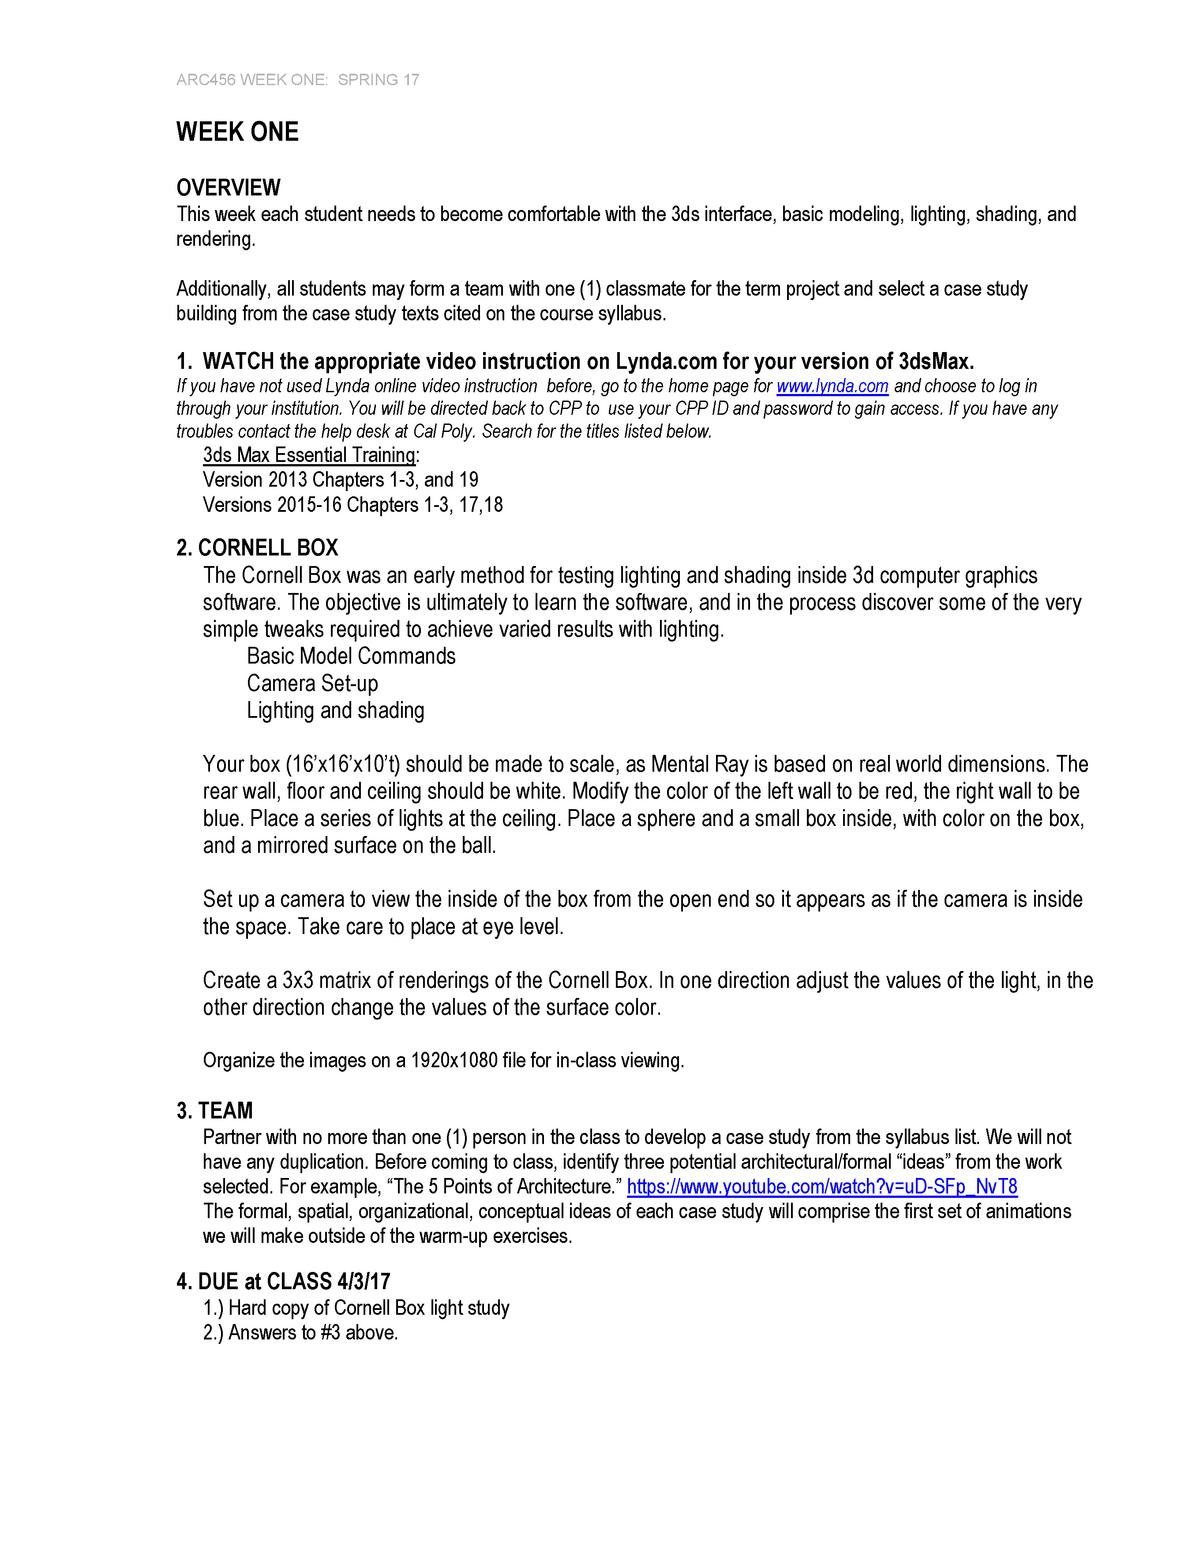 ARC456 2017 W1 - Homework Assignment W1 - ARC 456